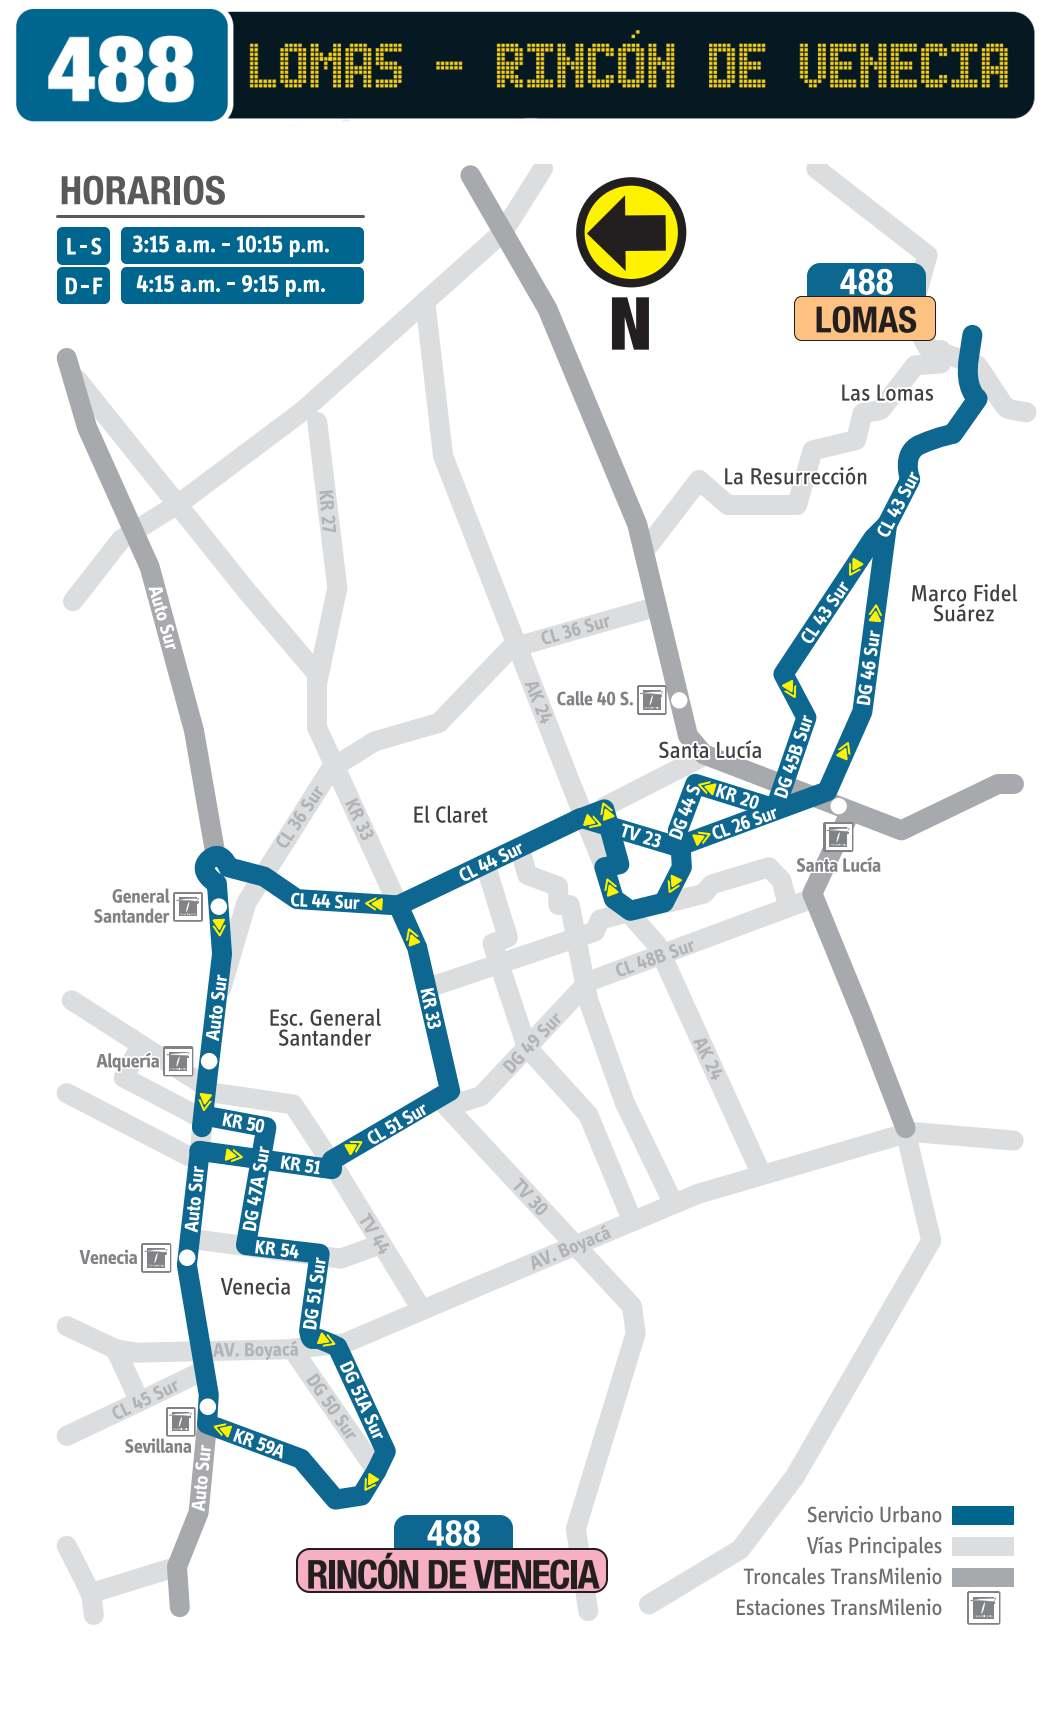 488 Lomas - Rincón de Venecia, mapa bus urbano Bogotá